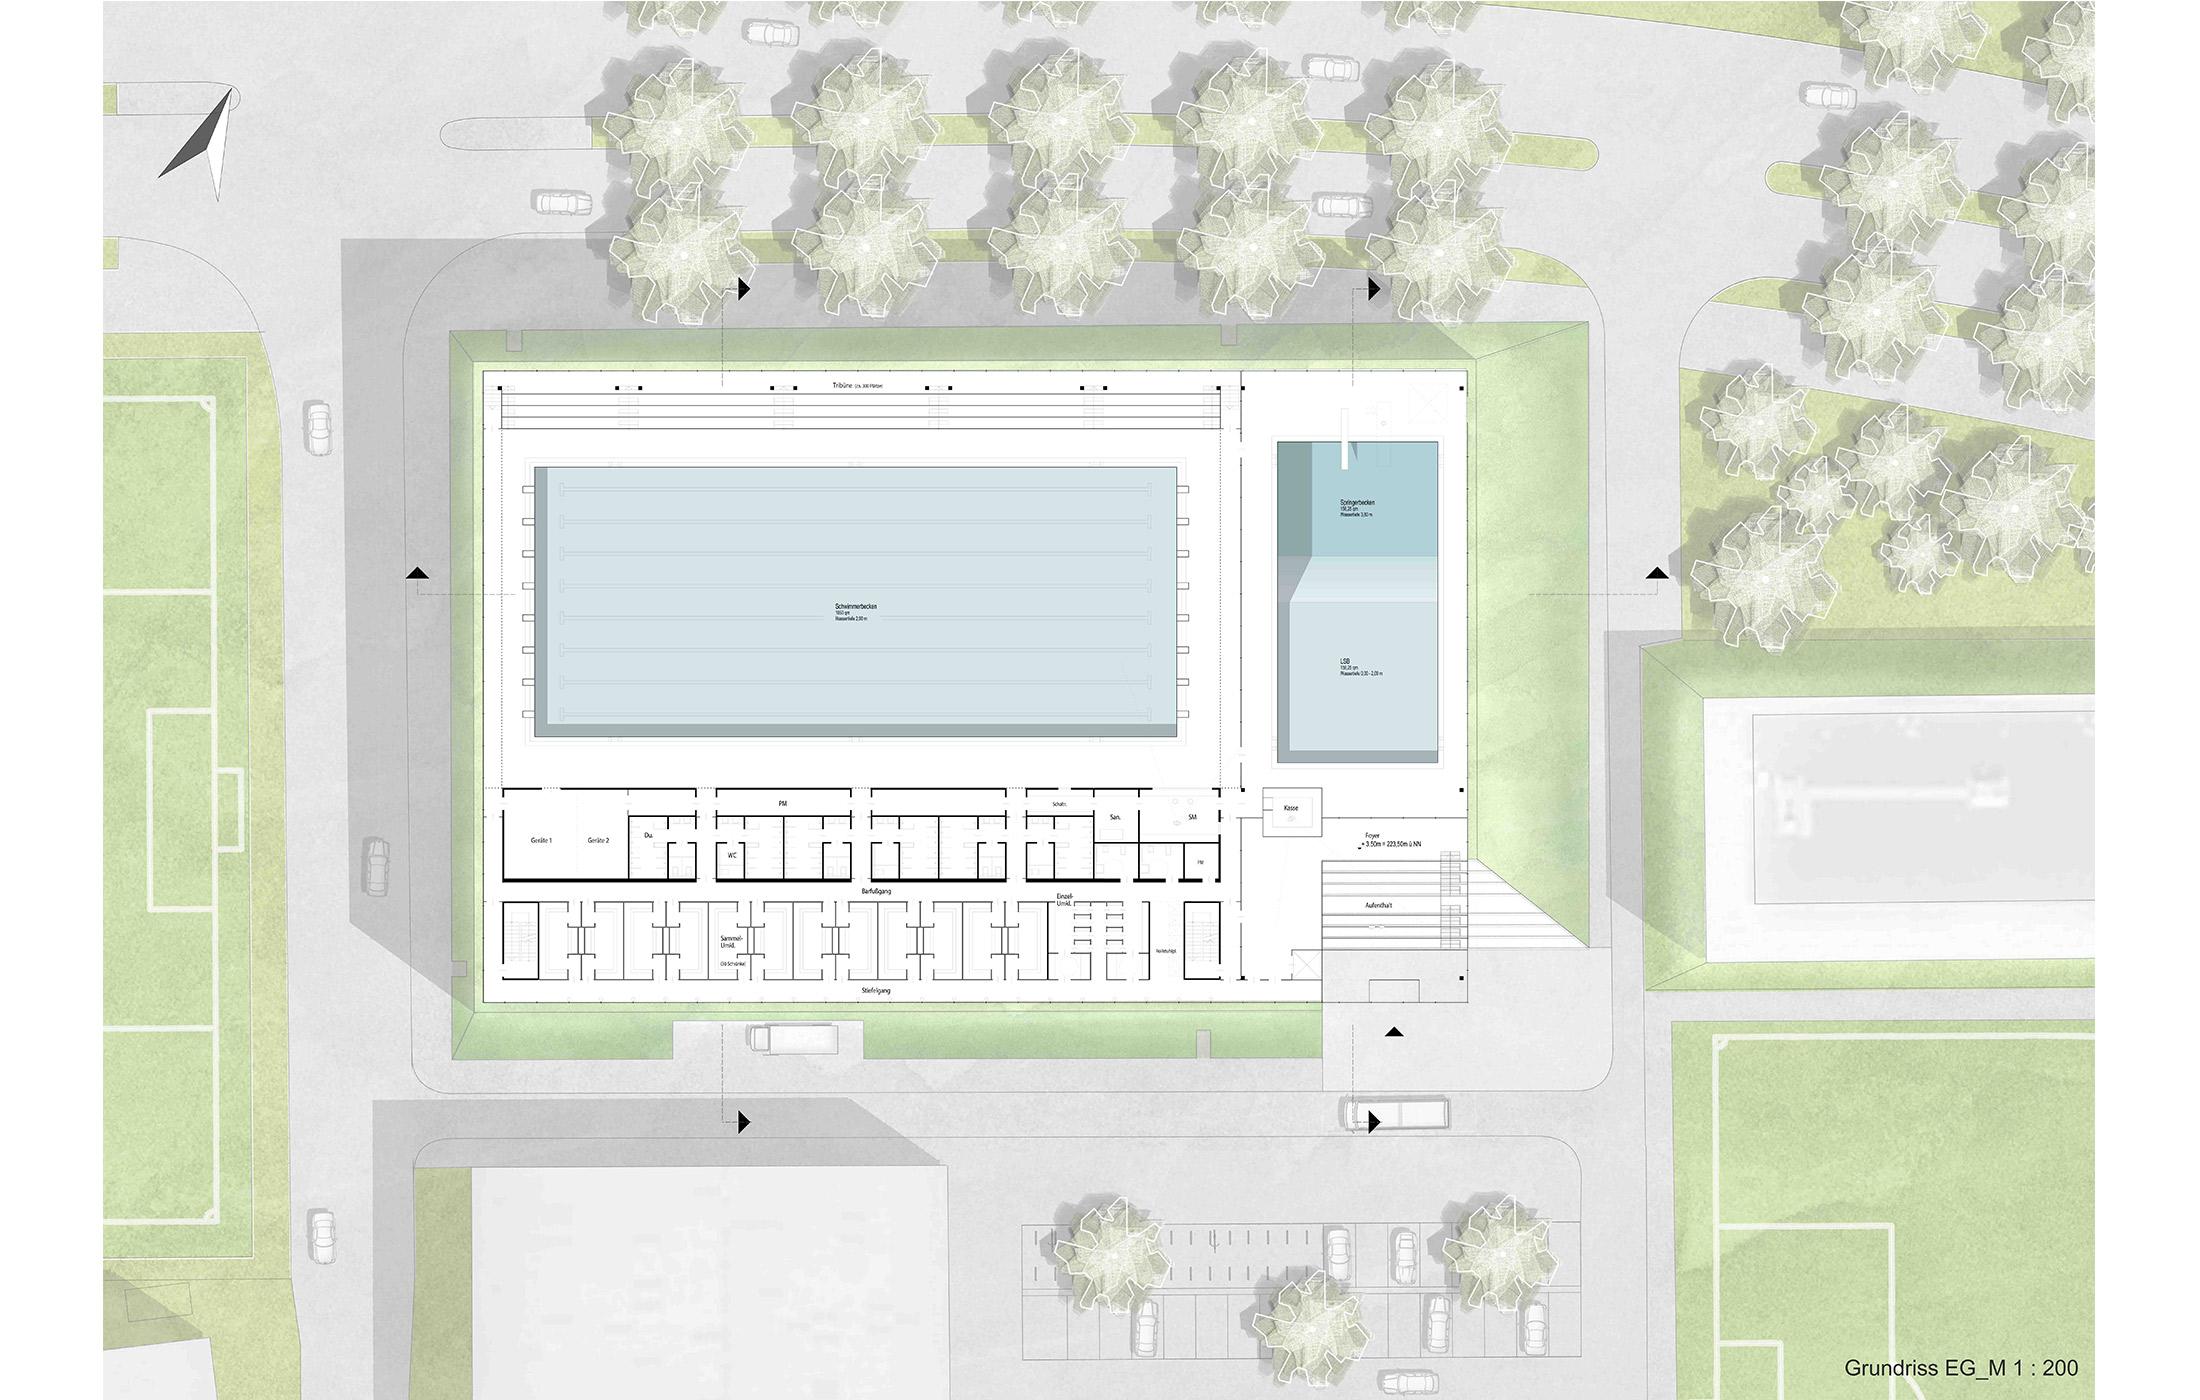 2013, Wettbewerb Neubau Neckarbad, Neckarpark Bad Canstatt